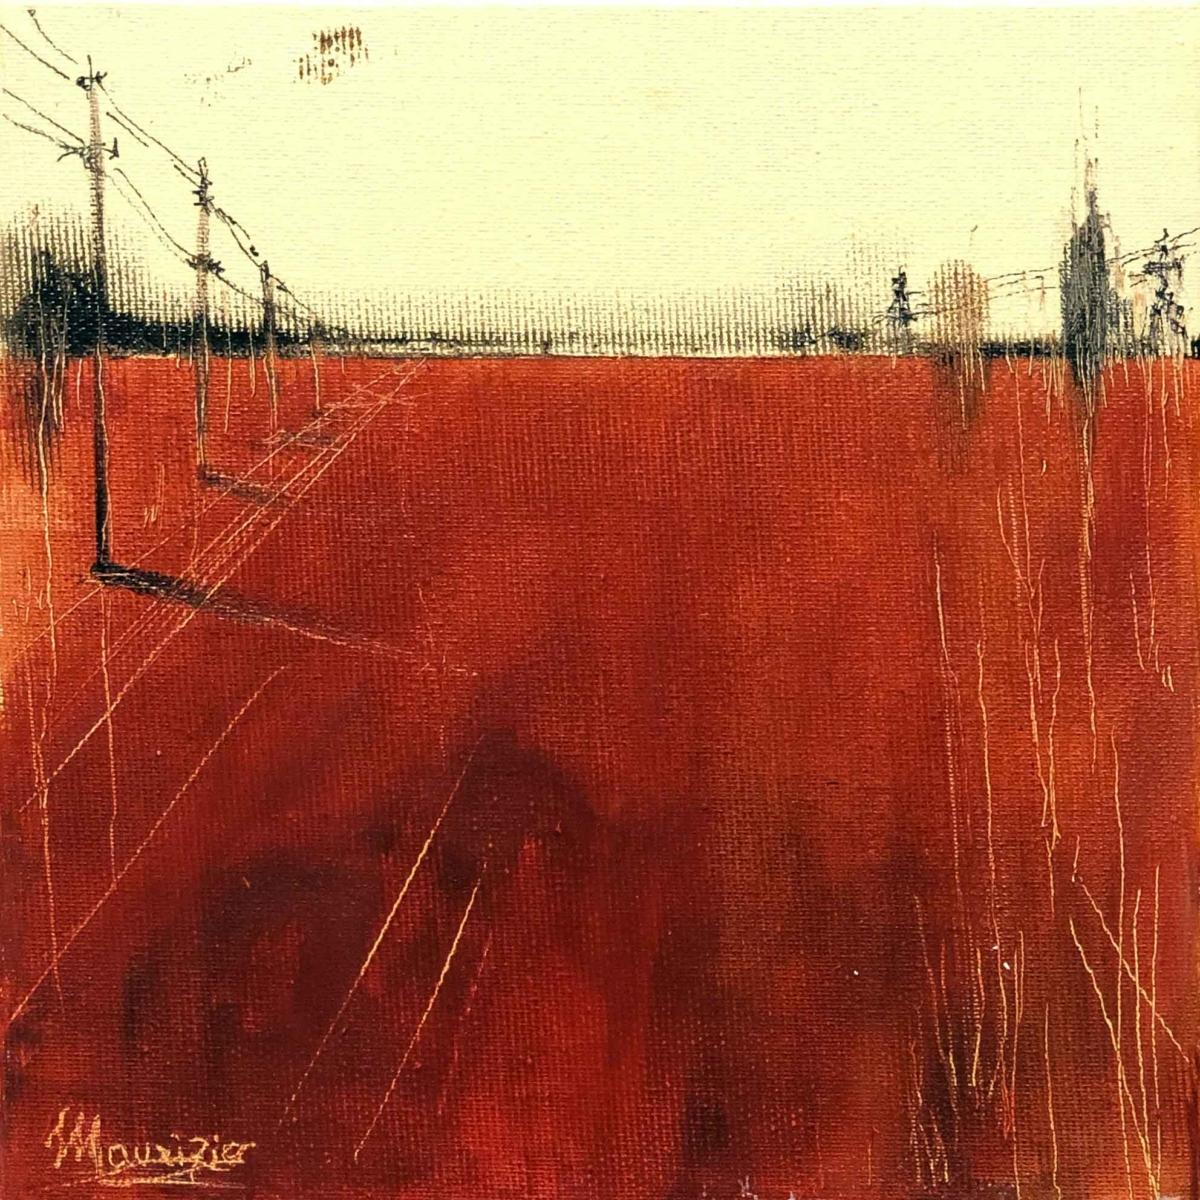 Maurizio tangerini 268